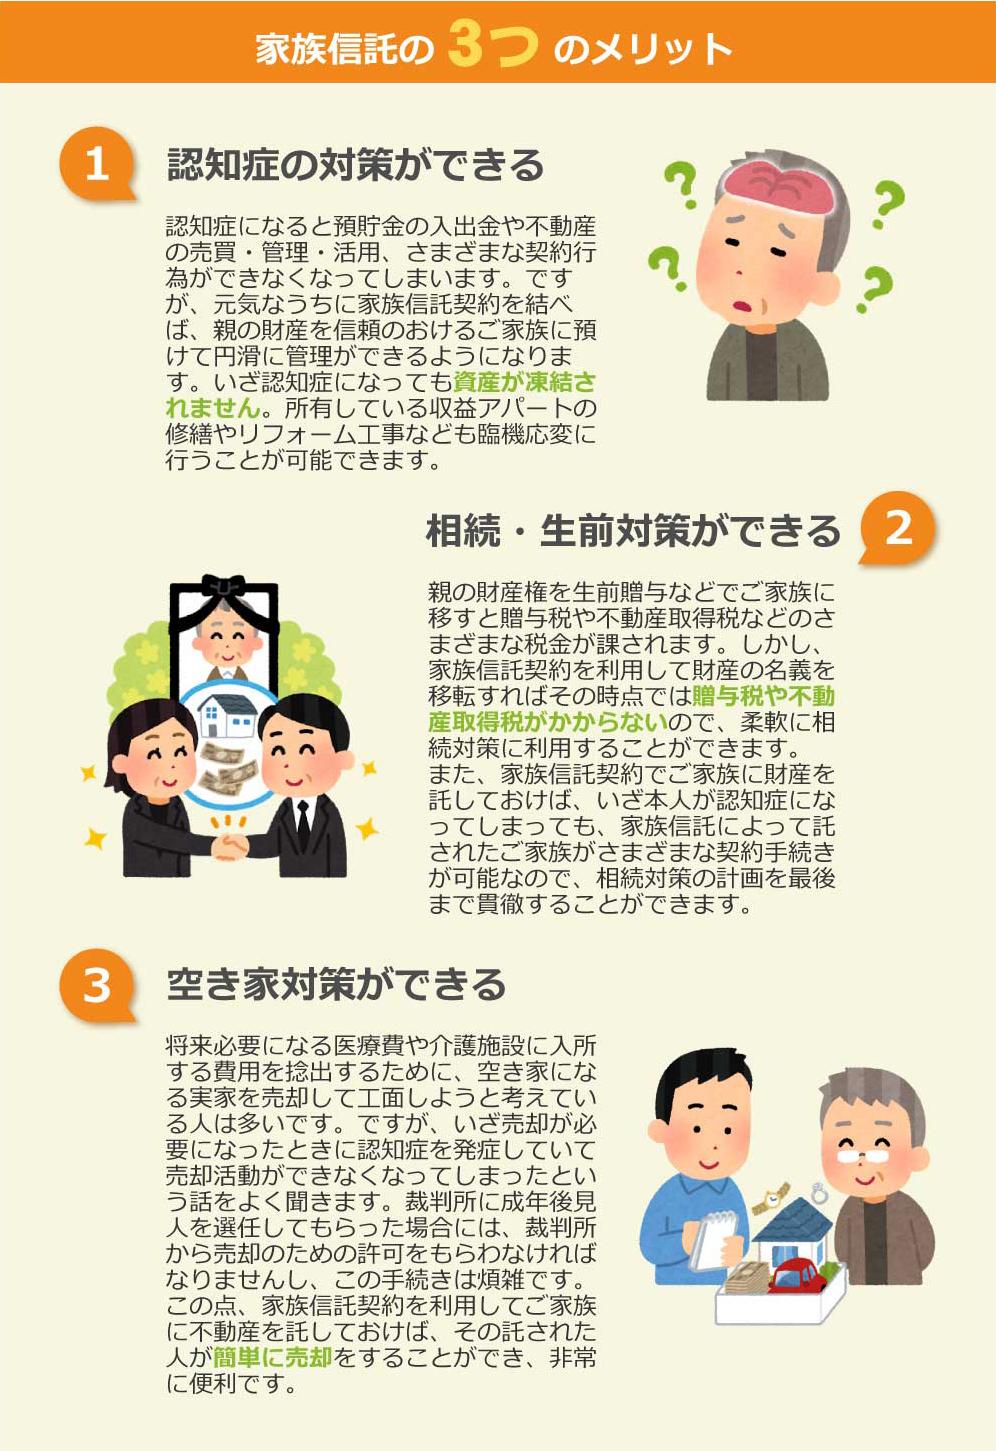 家族信託の3つのメリット